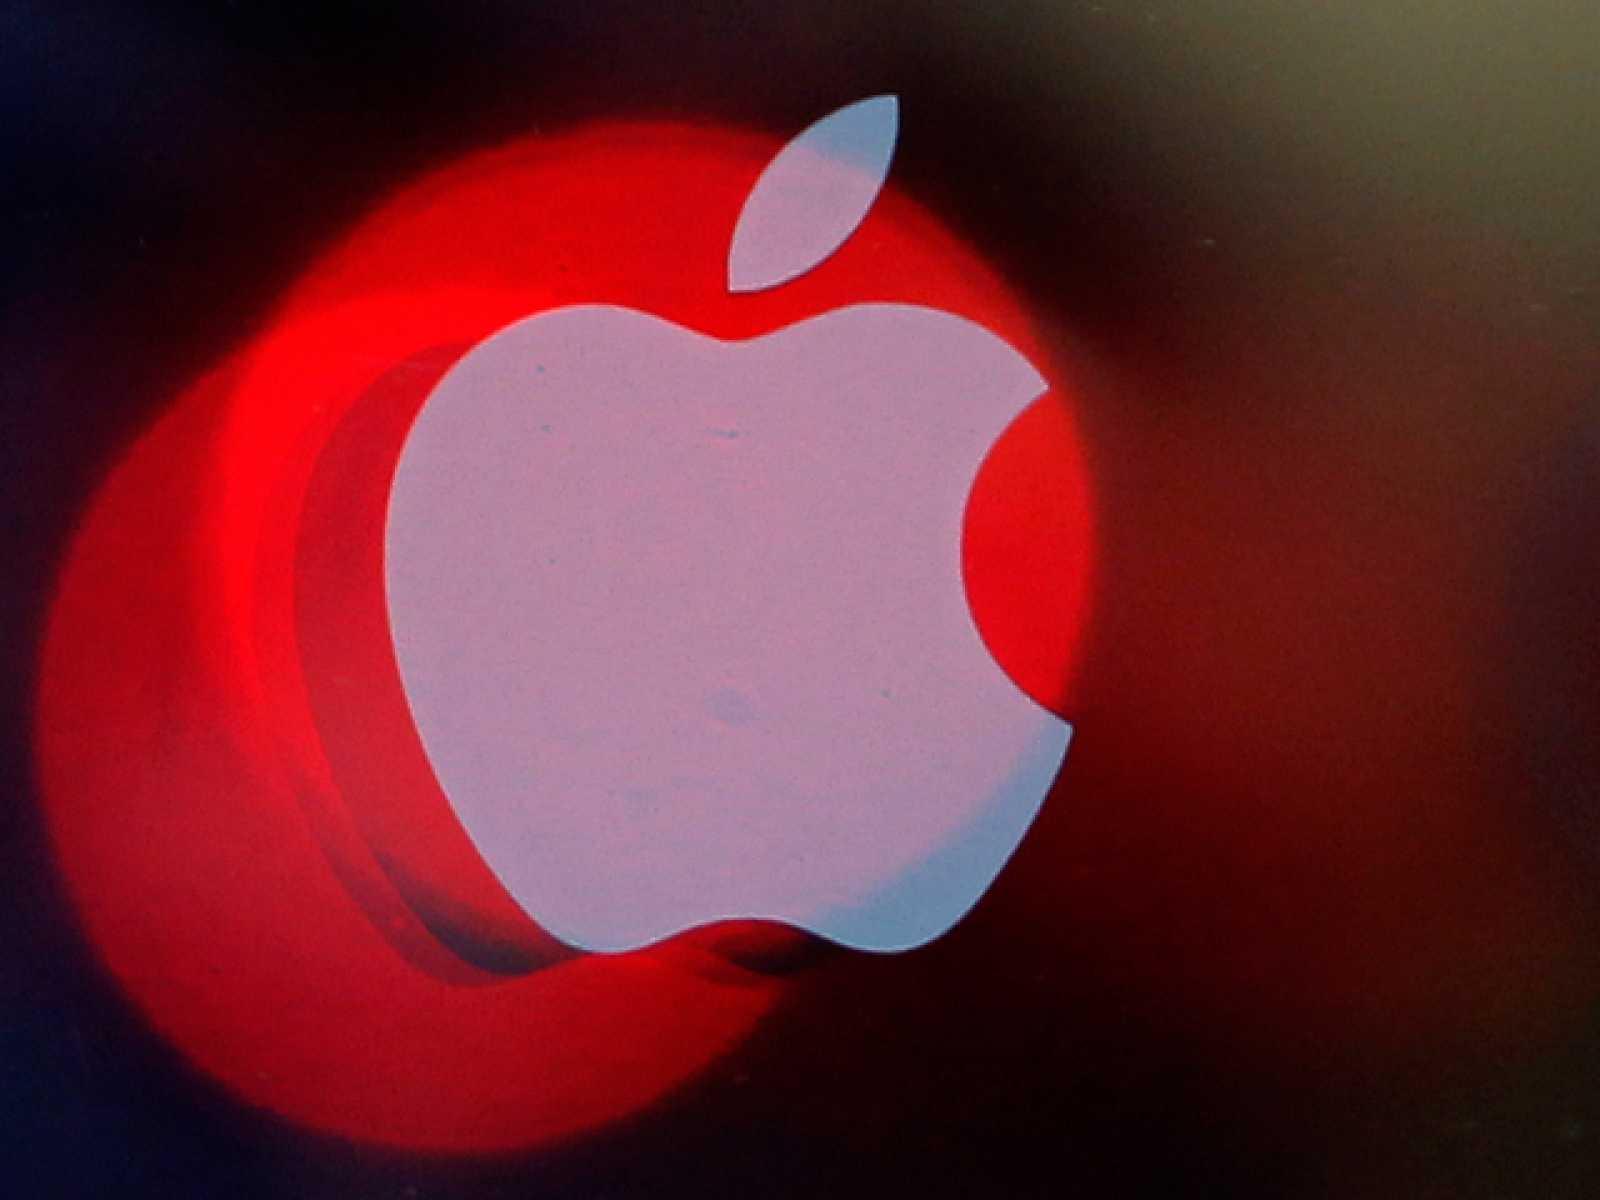 0ead75a798c Leyenda y realidad tras el logo de la manzana mordida de Apple - RTVE.es